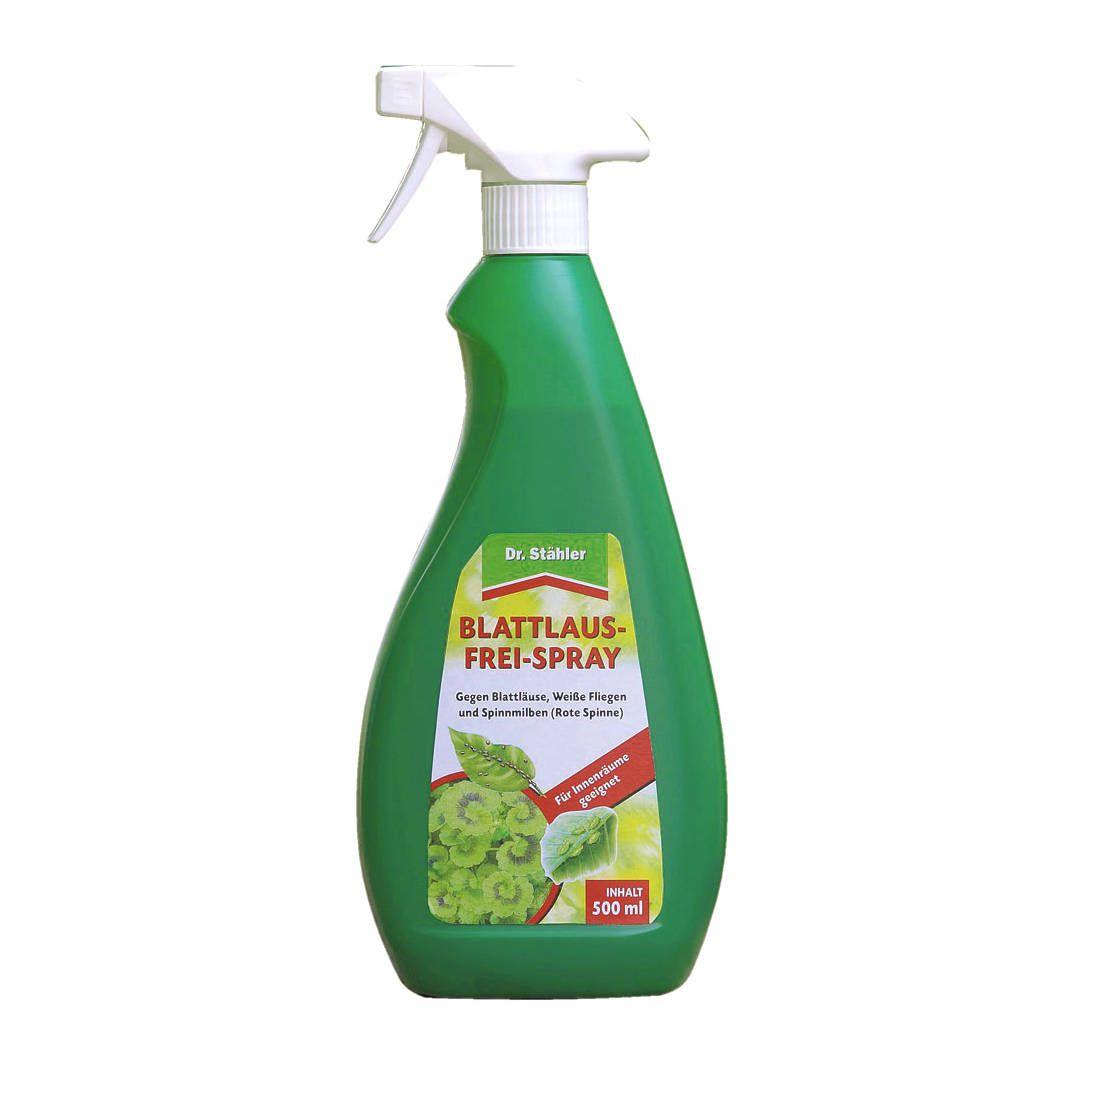 Dr. Stähler Blattlausfrei Spray 500 ml